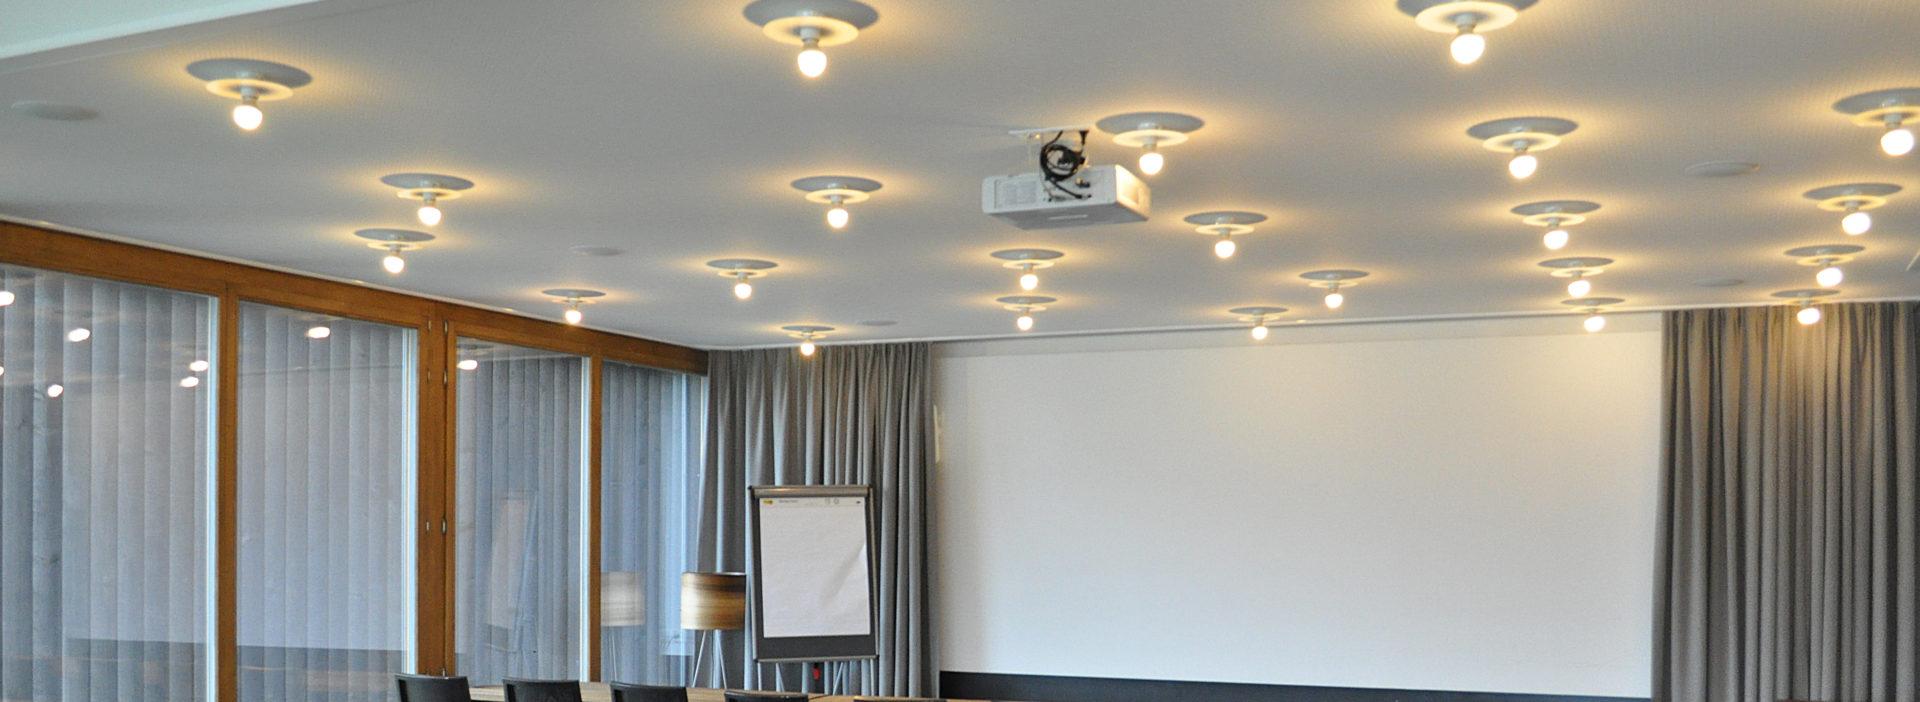 Juckerhof Seminarraum Panoramastube Leinwand